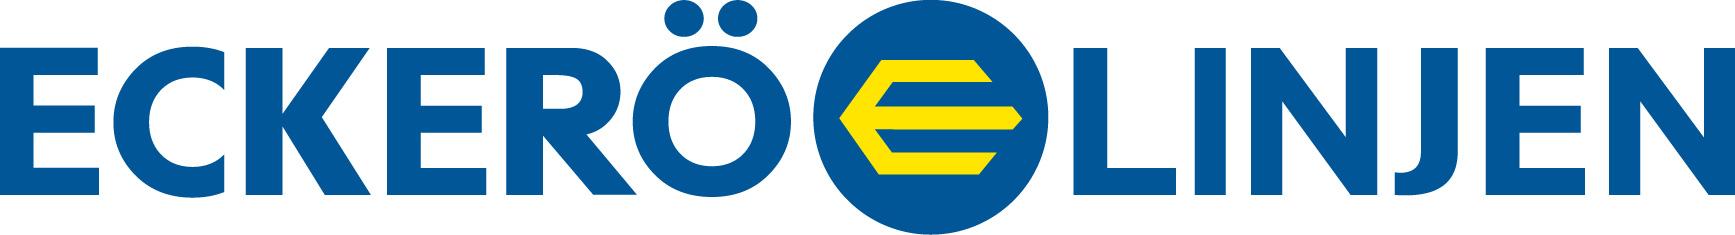 eckerolinjen_logo_jpgjpg